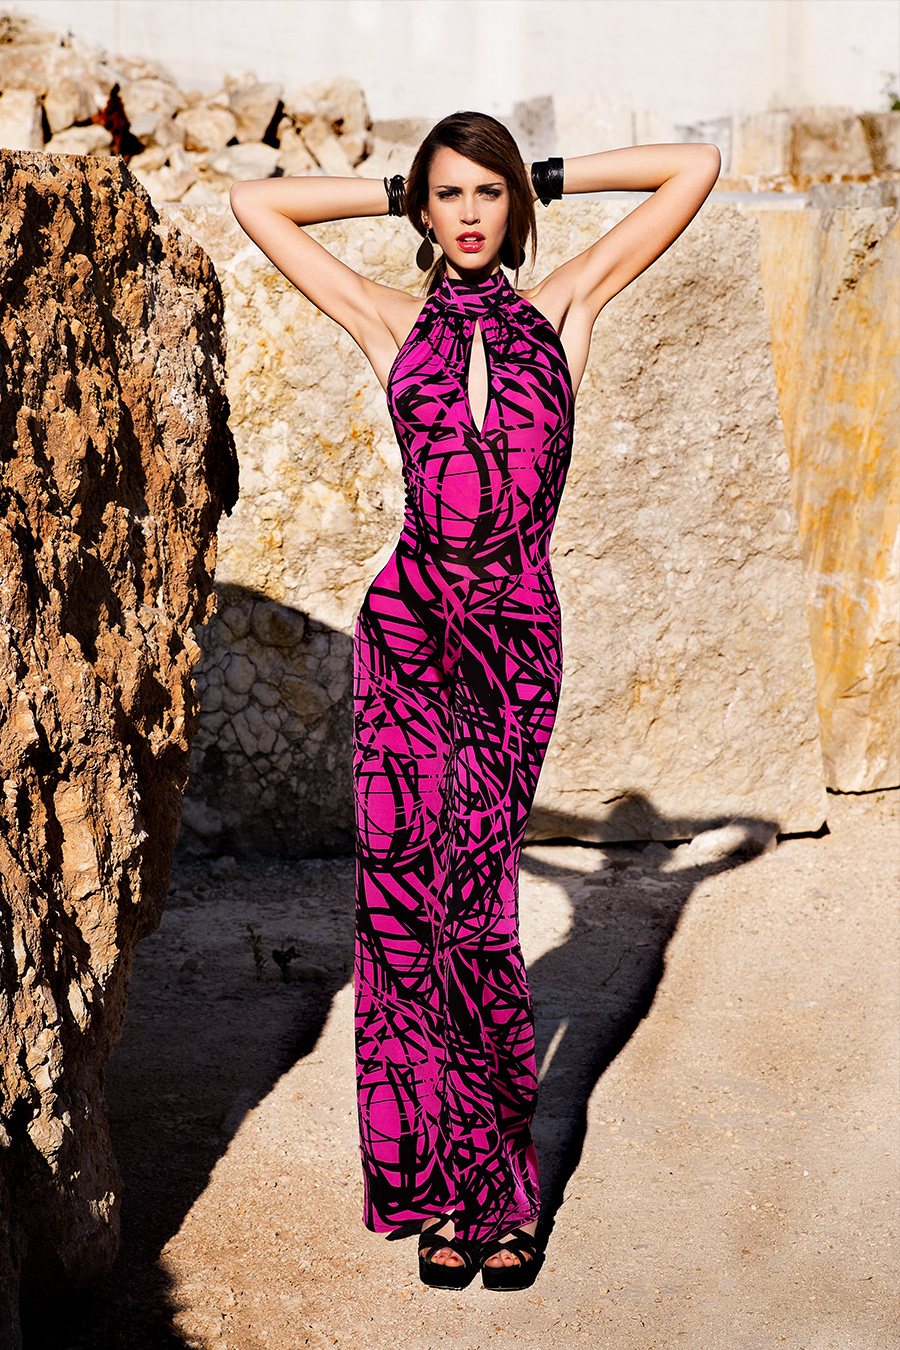 Fashion Editorial - Cava